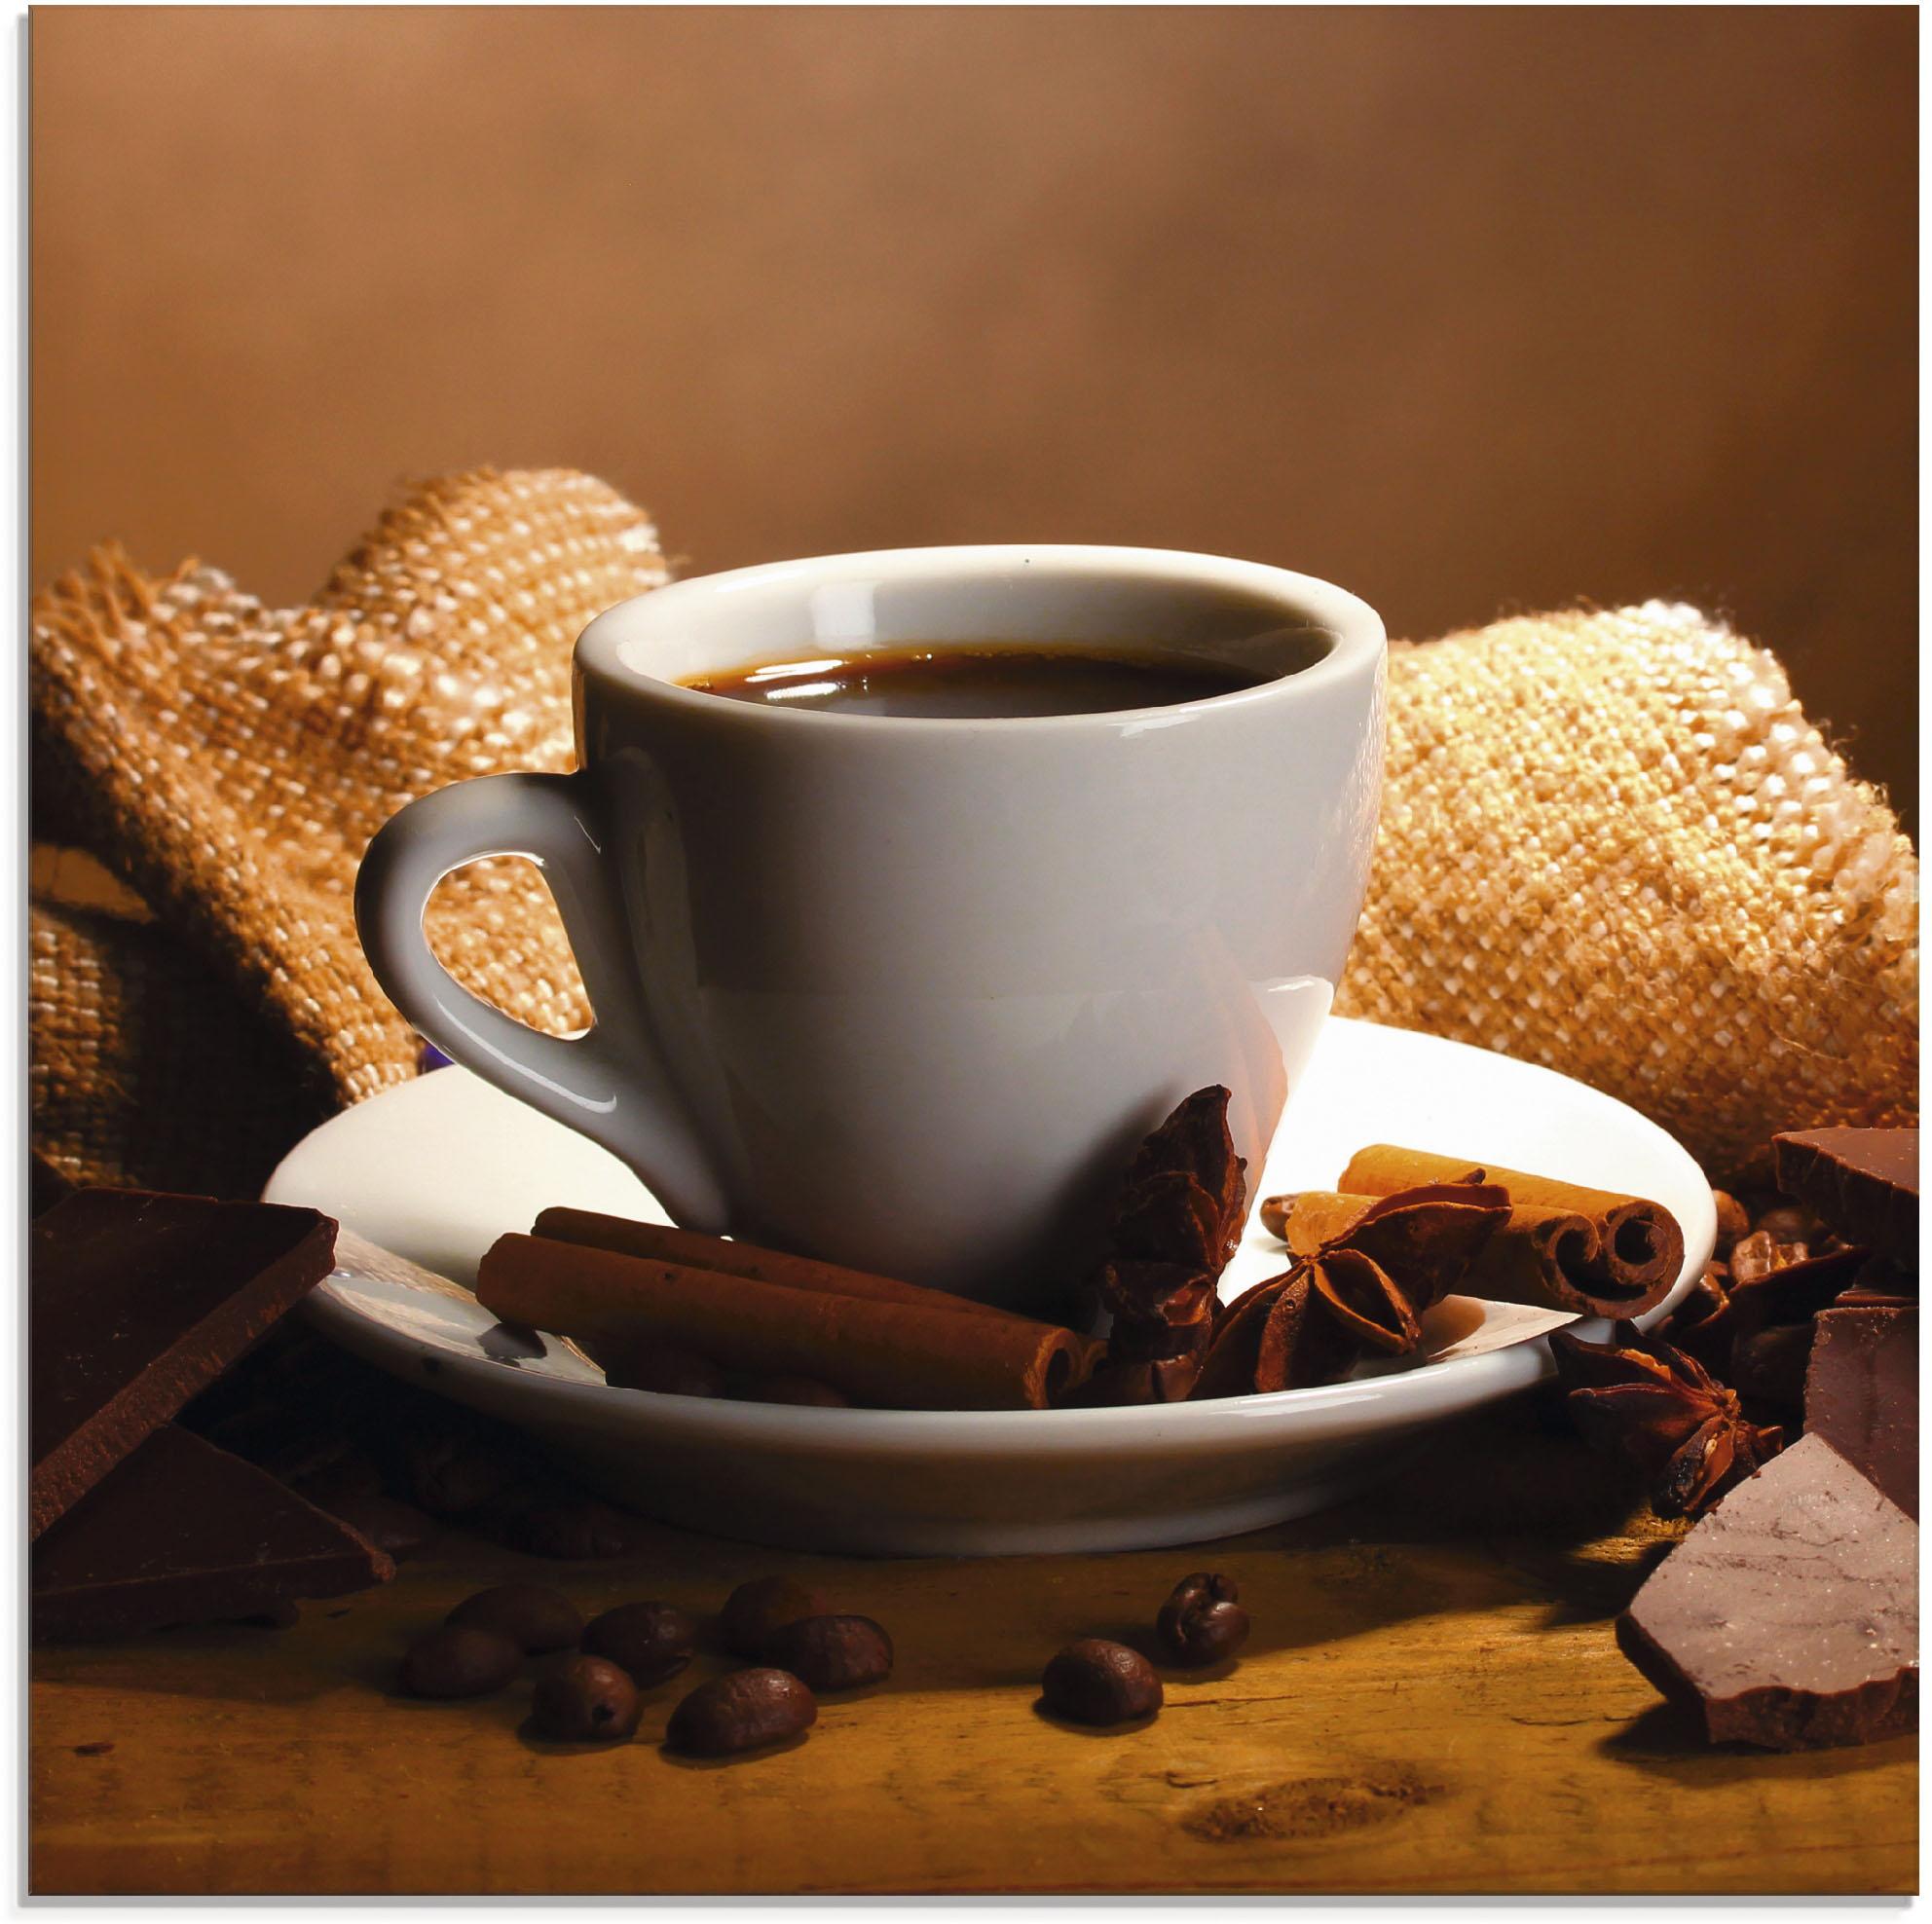 Artland Glasbild Kaffeetasse Zimtstange Nüsse Schokolade, Getränke, (1 St.) braun Glasbilder Bilder Bilderrahmen Wohnaccessoires